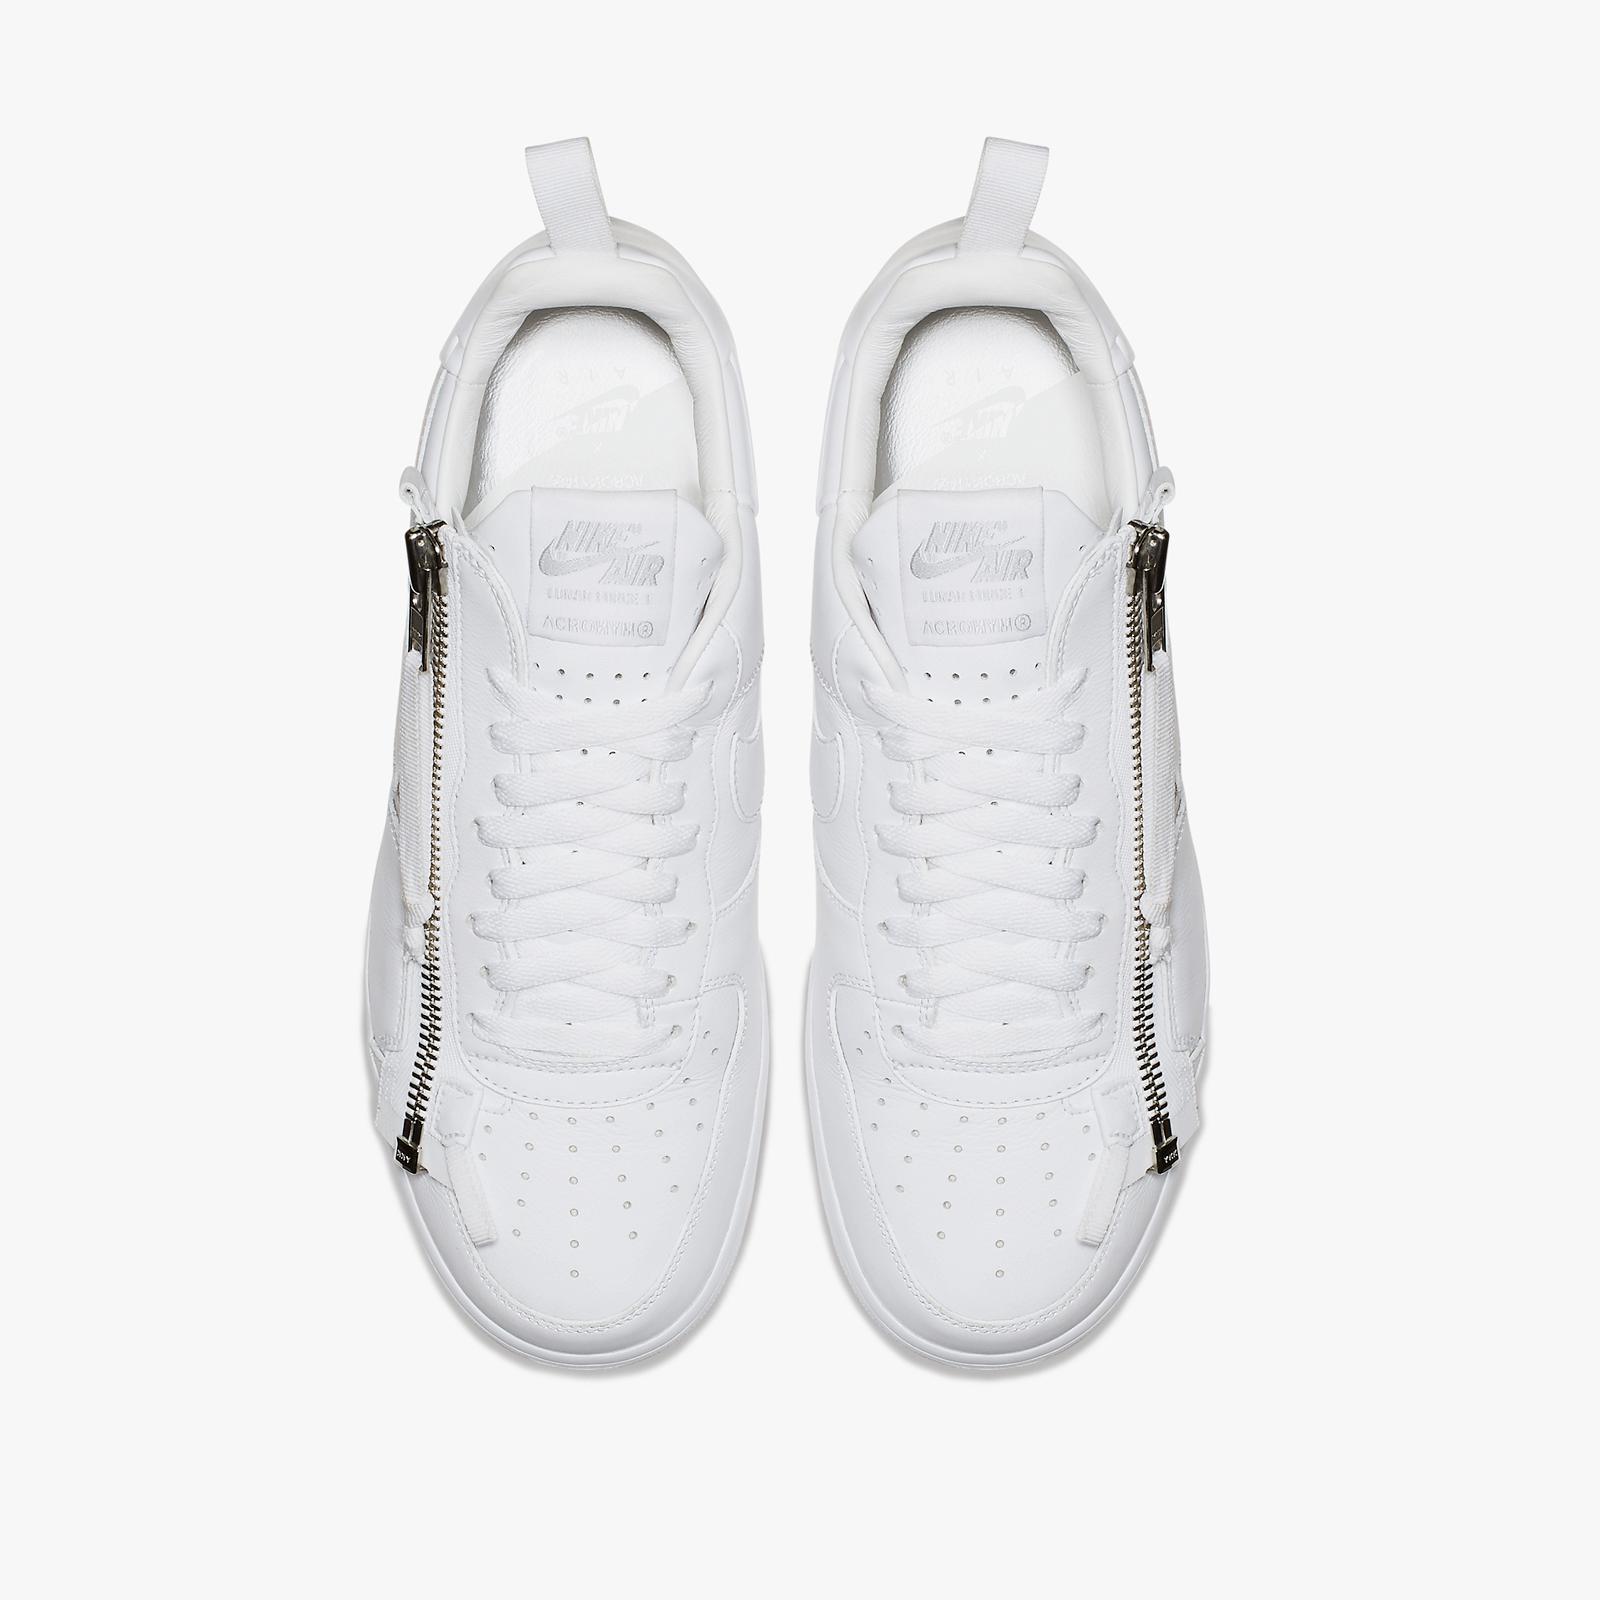 sports shoes 3117c 194d8 ... Nike Sportswear Lunar Force 1  Acronym 17